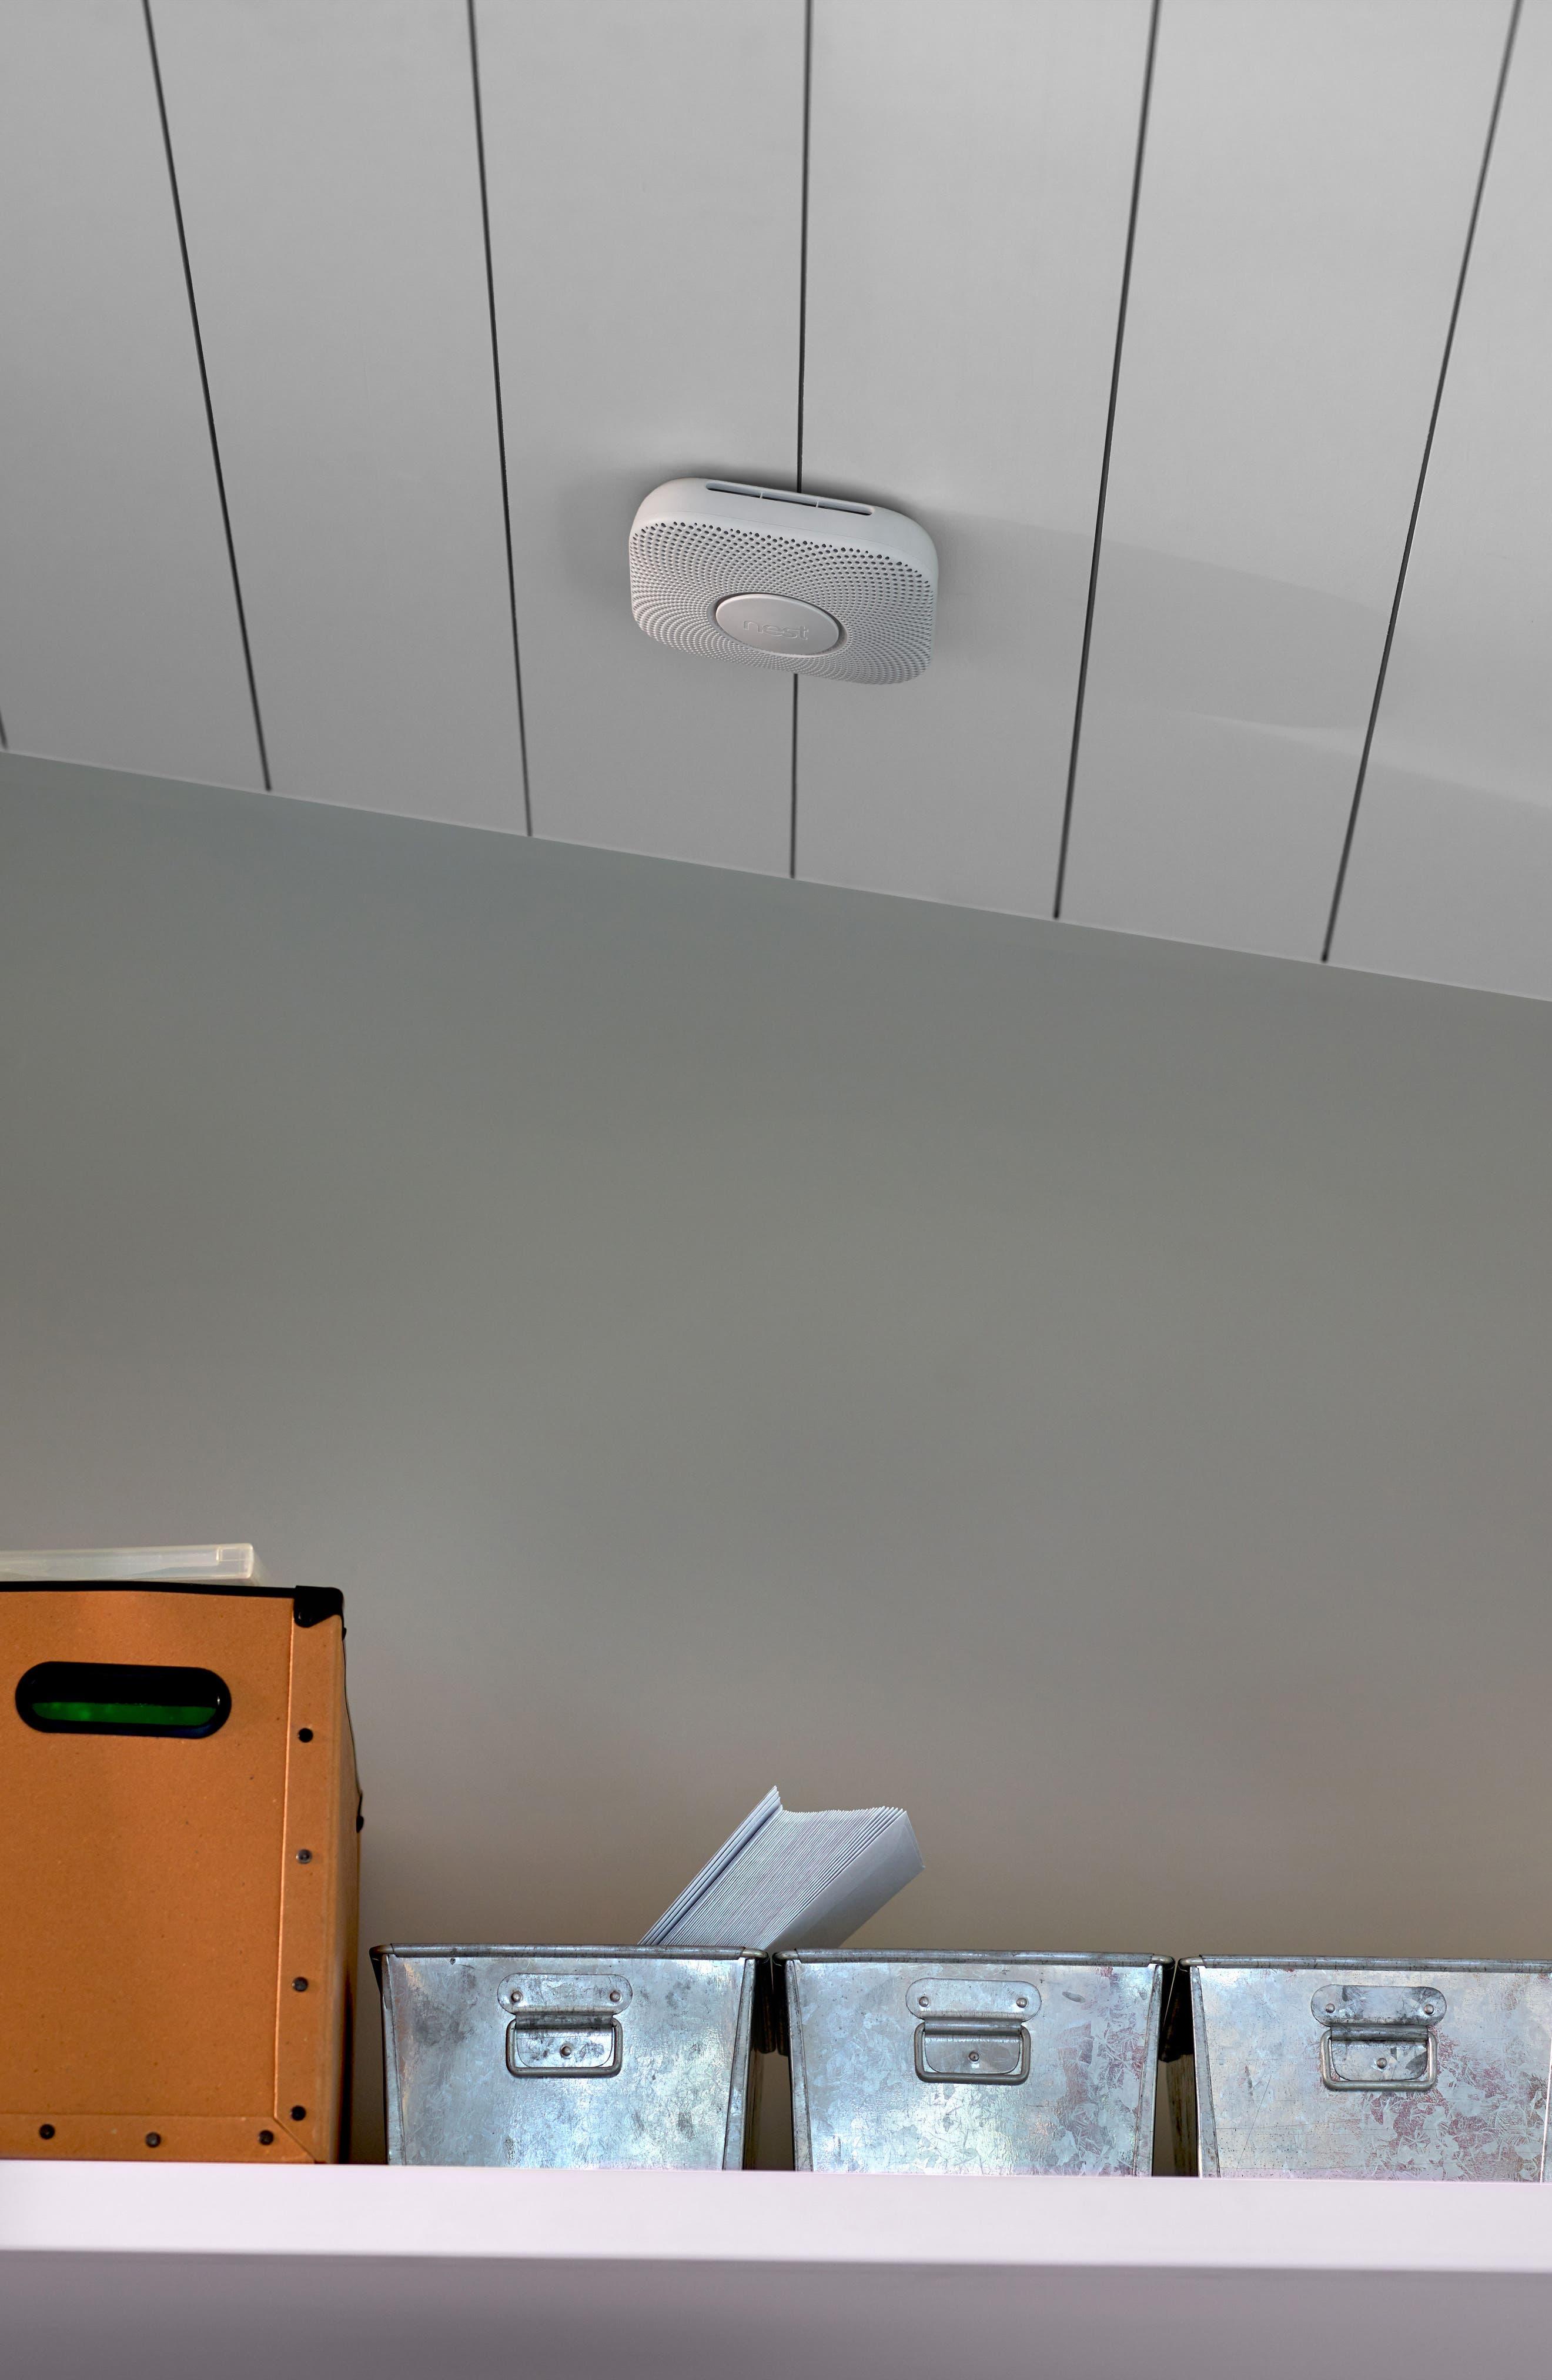 NEST, Protect Smoke & Carbon Monoxide Alarm, Alternate thumbnail 9, color, 100